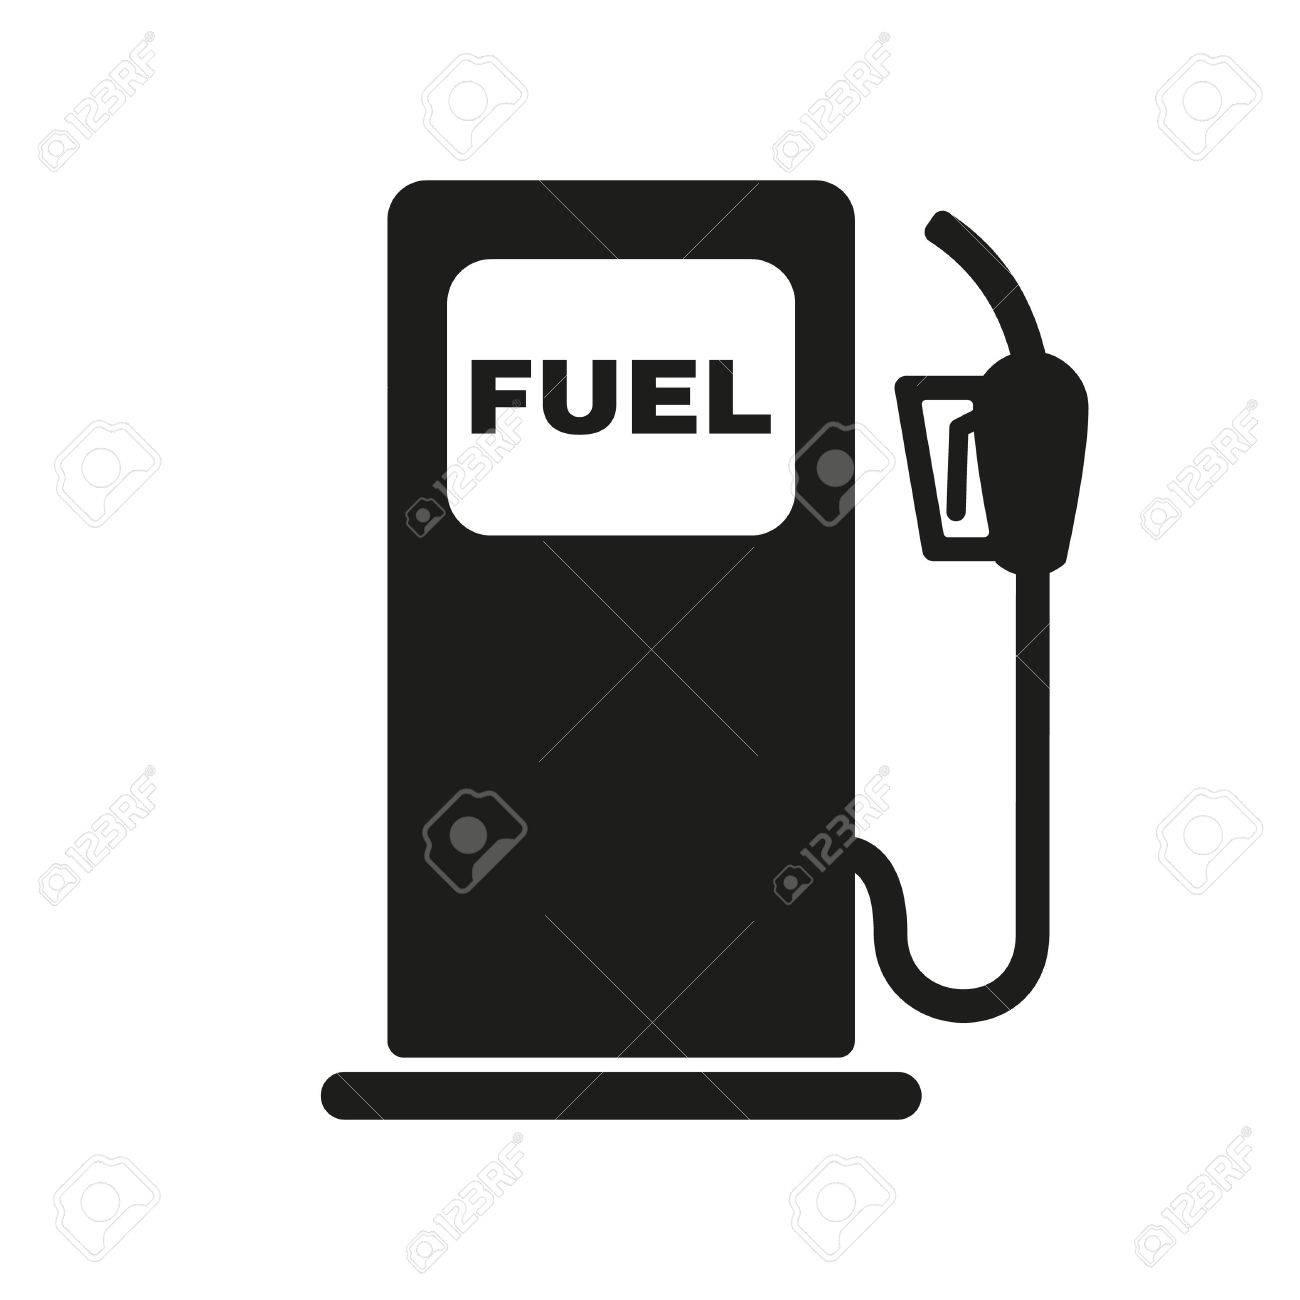 ガソリン スタンドのアイコン。...